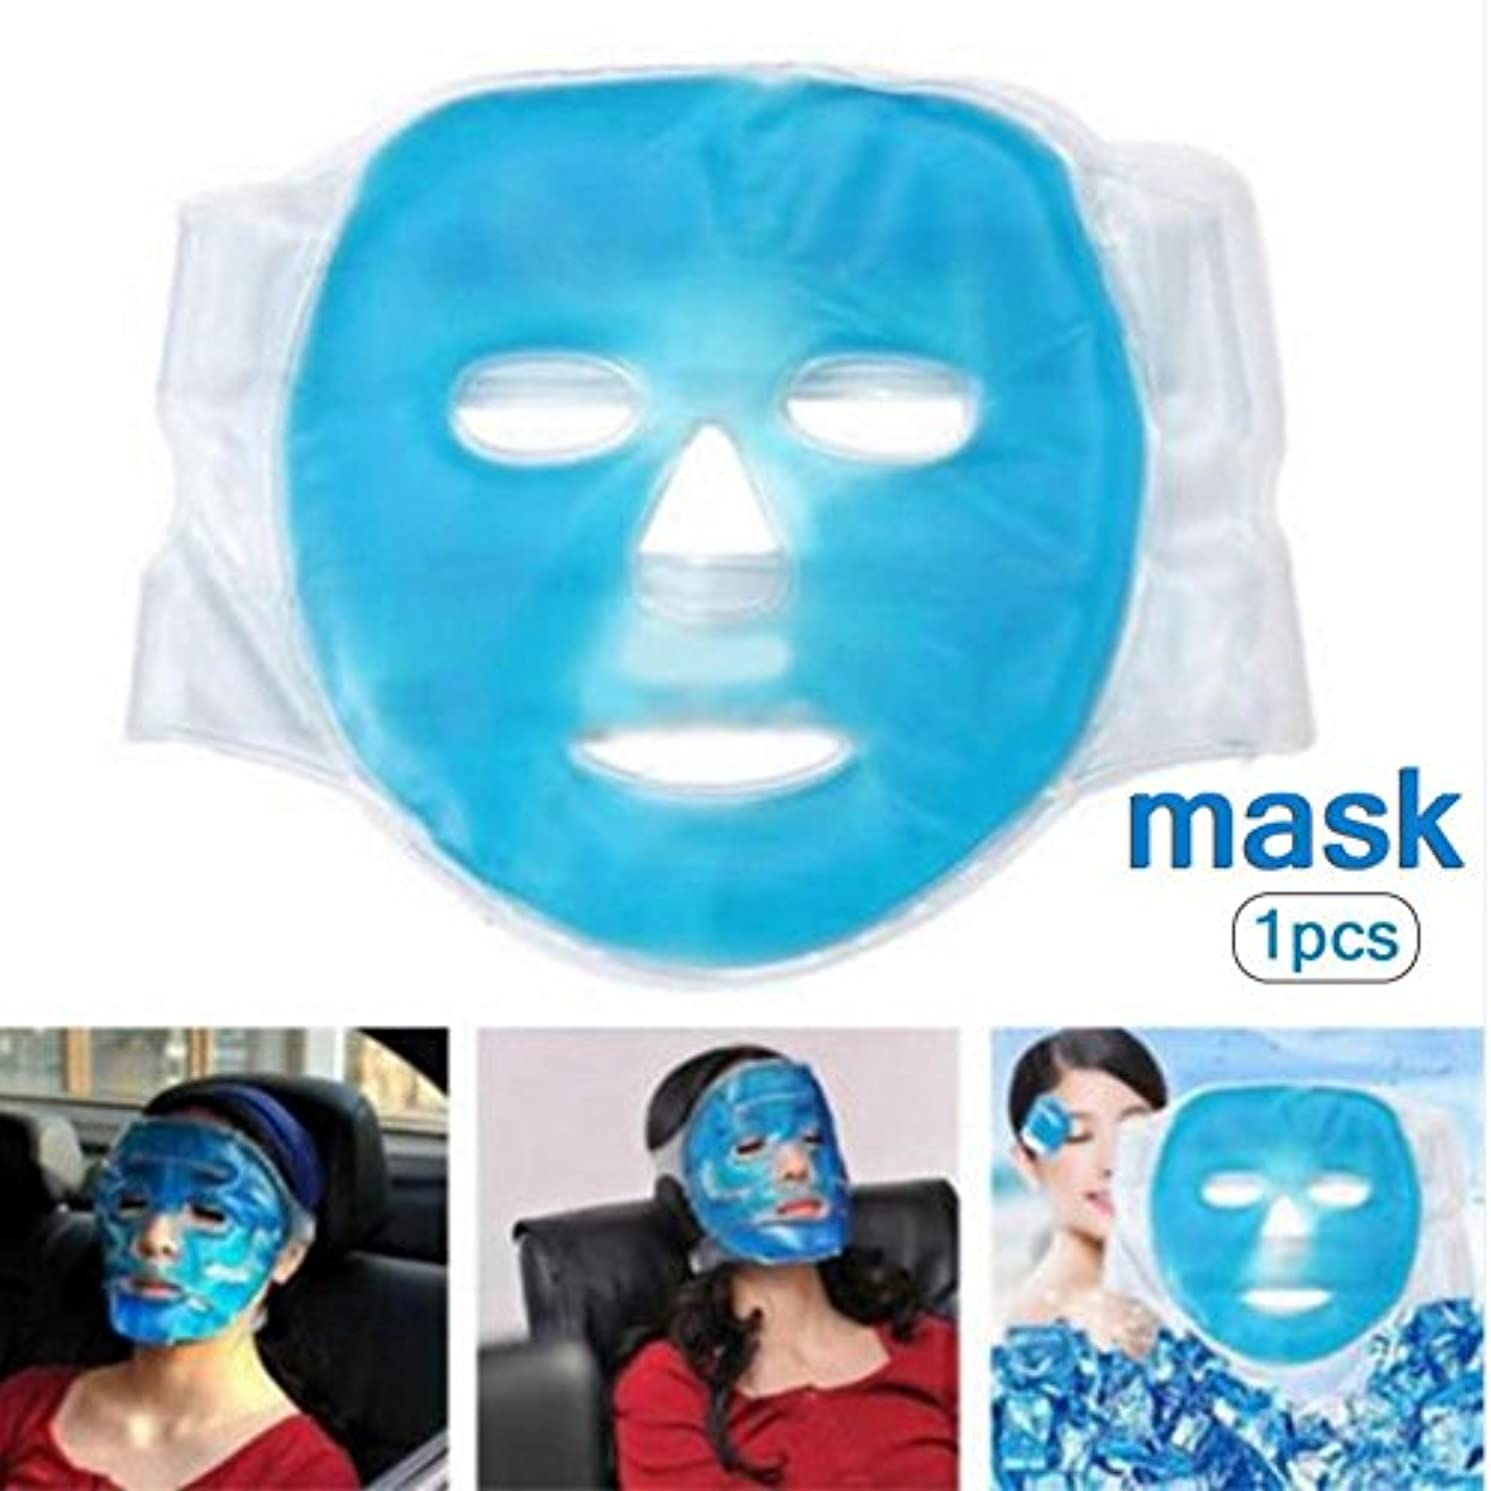 バーカビラップSILUN フェイスマスク 冷温兼用 美容用 再利用可能 毛細血管収縮 肌ケア 保湿 吸収しやすい 美容マッサージ アイスマスク